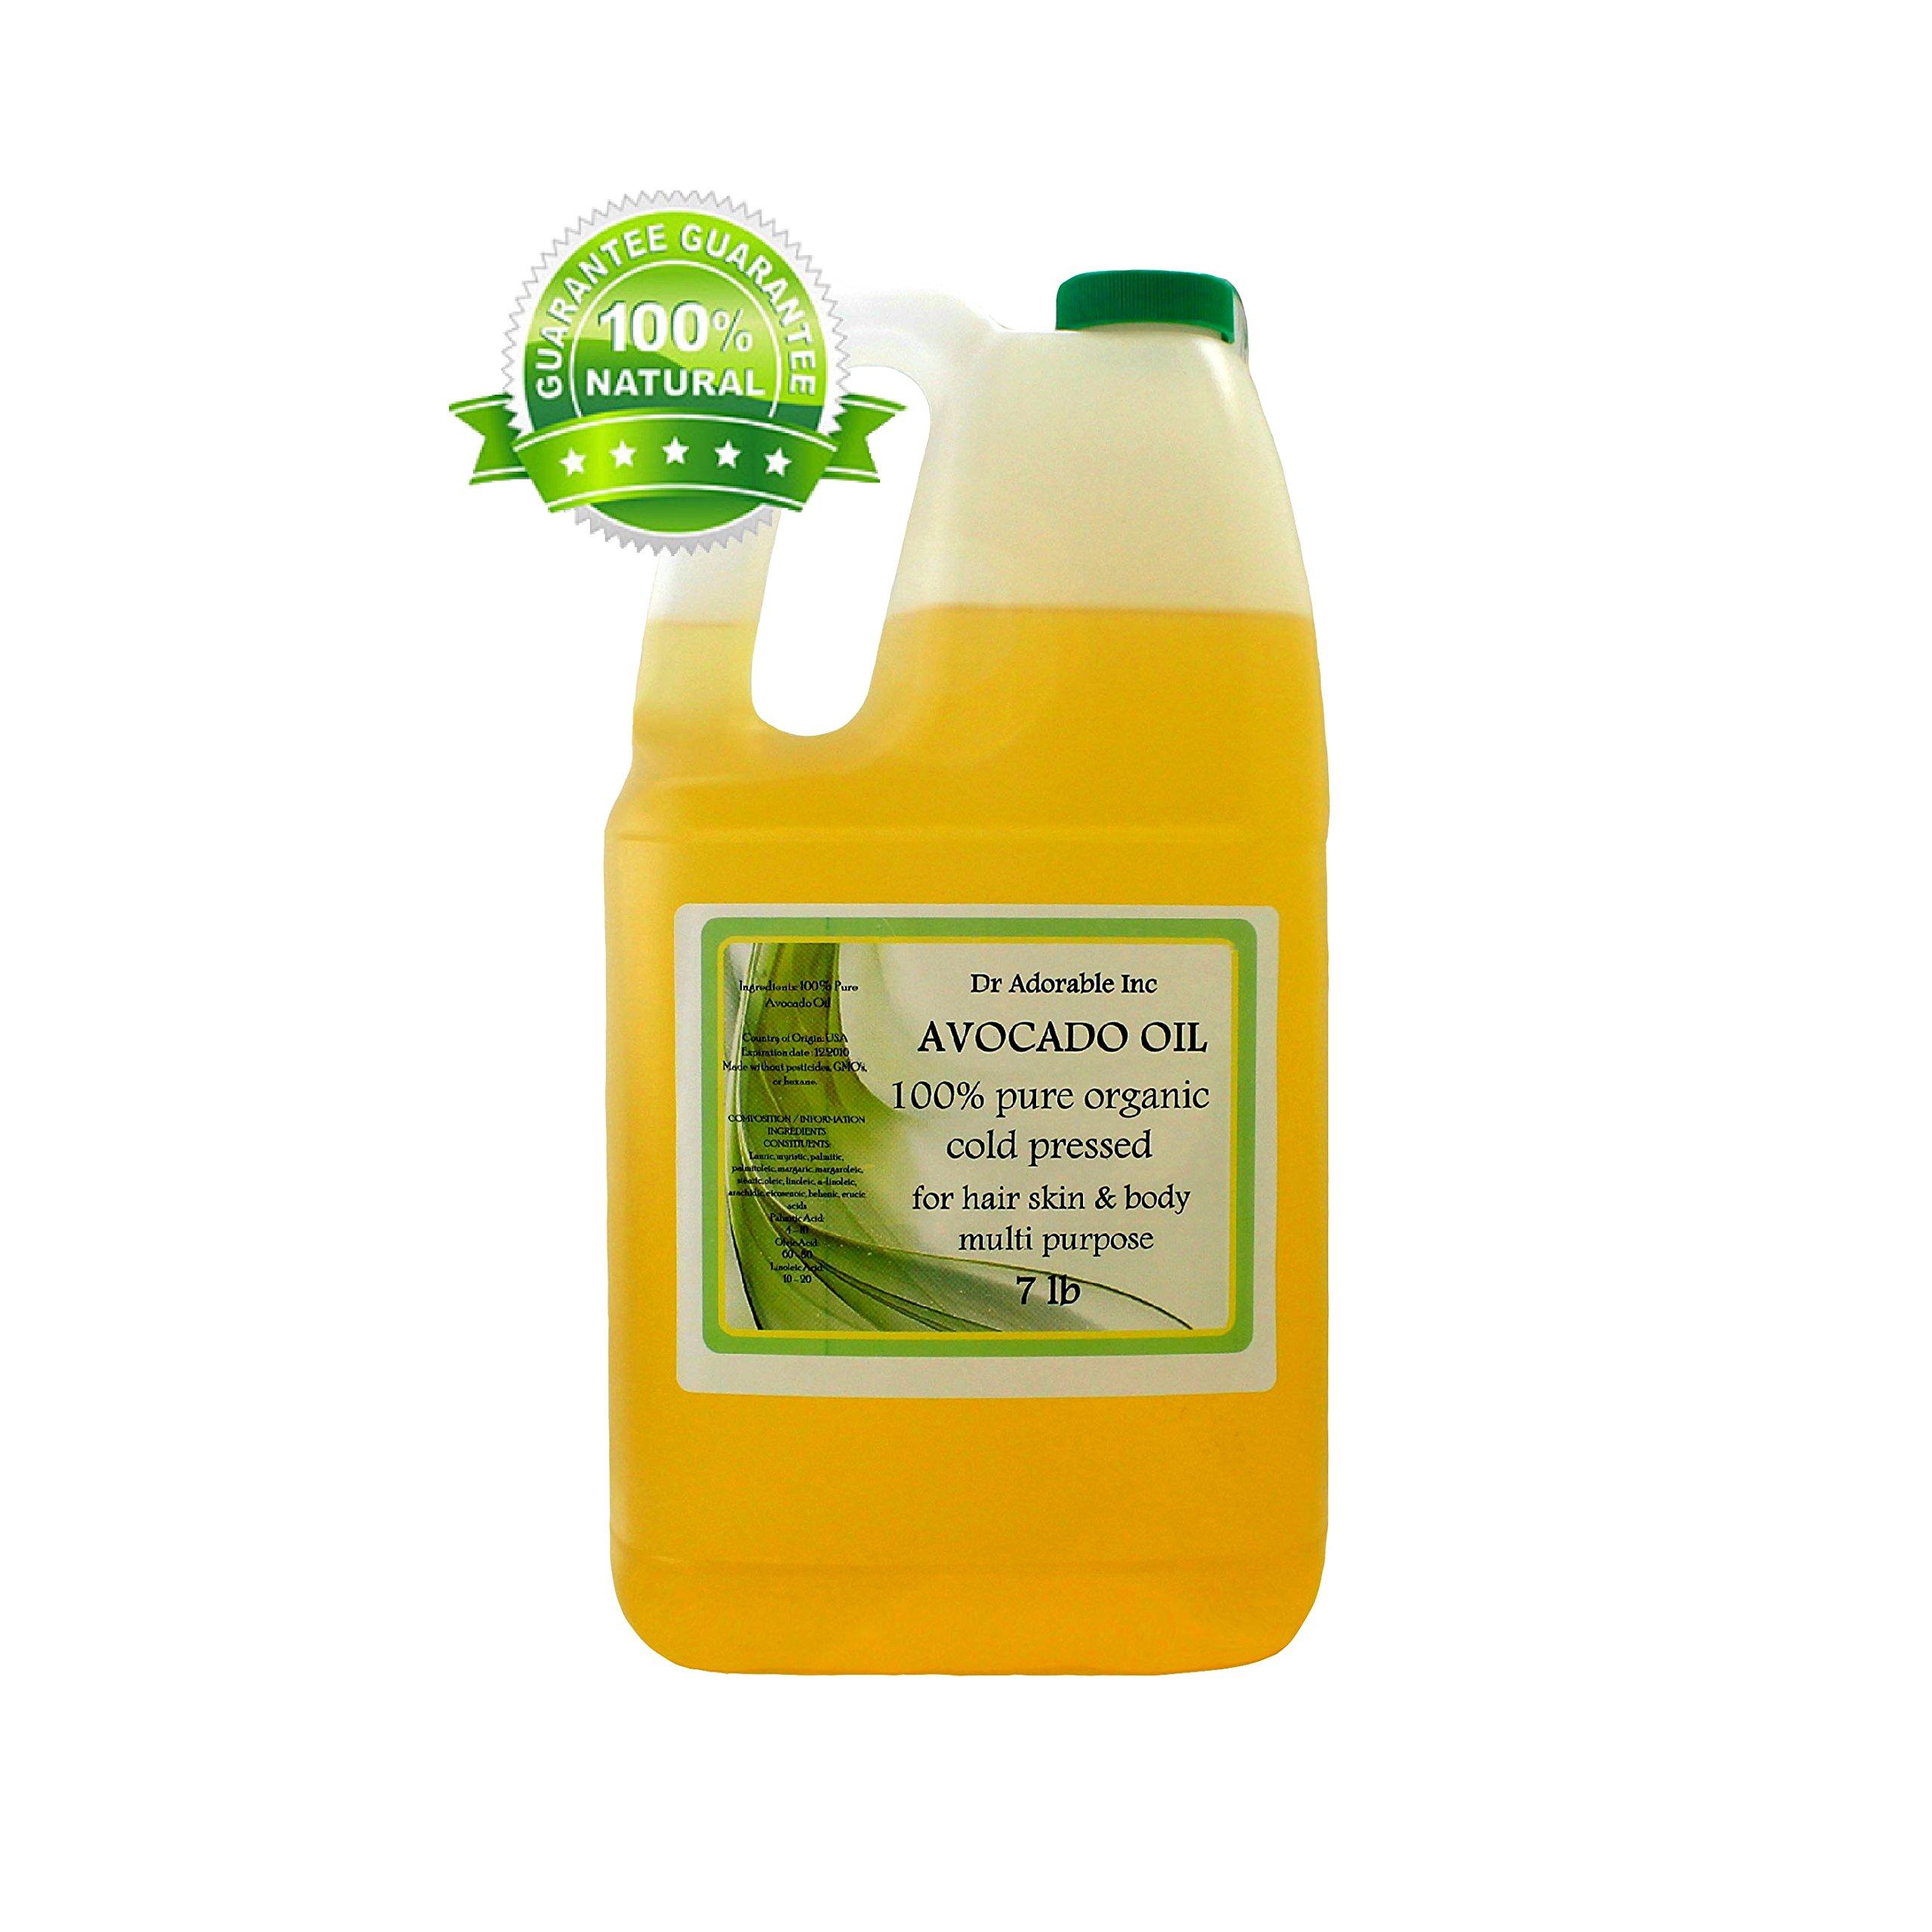 Avocado Oil Organic Pure Cold Pressed 128 Fl. Oz/1 Gallon/7 Lb by Dr Adorable